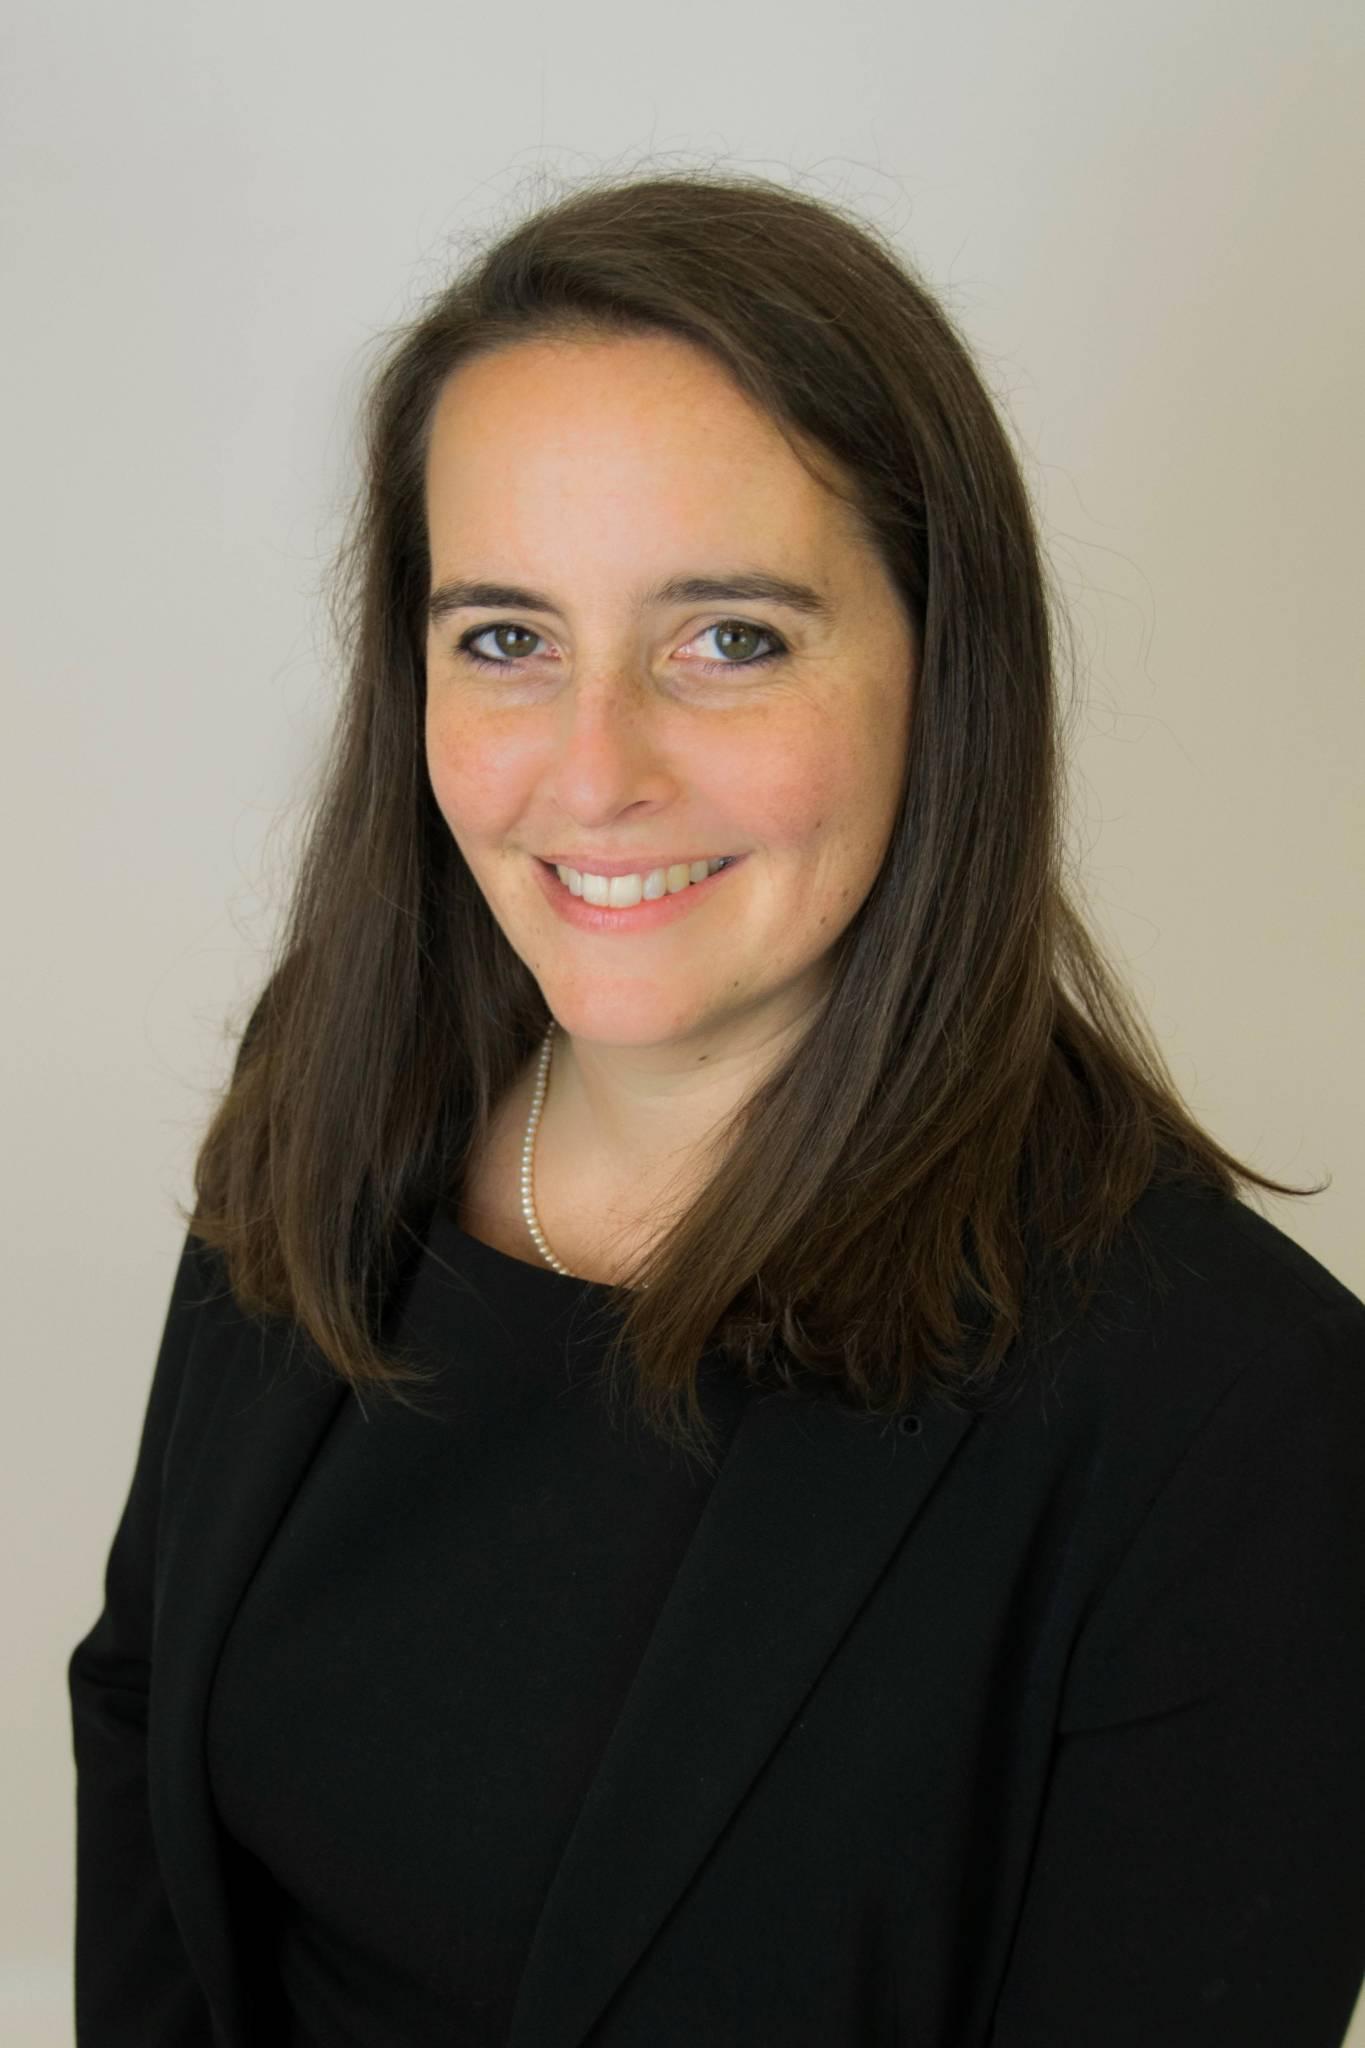 Dr Rachel Byng-Maddick